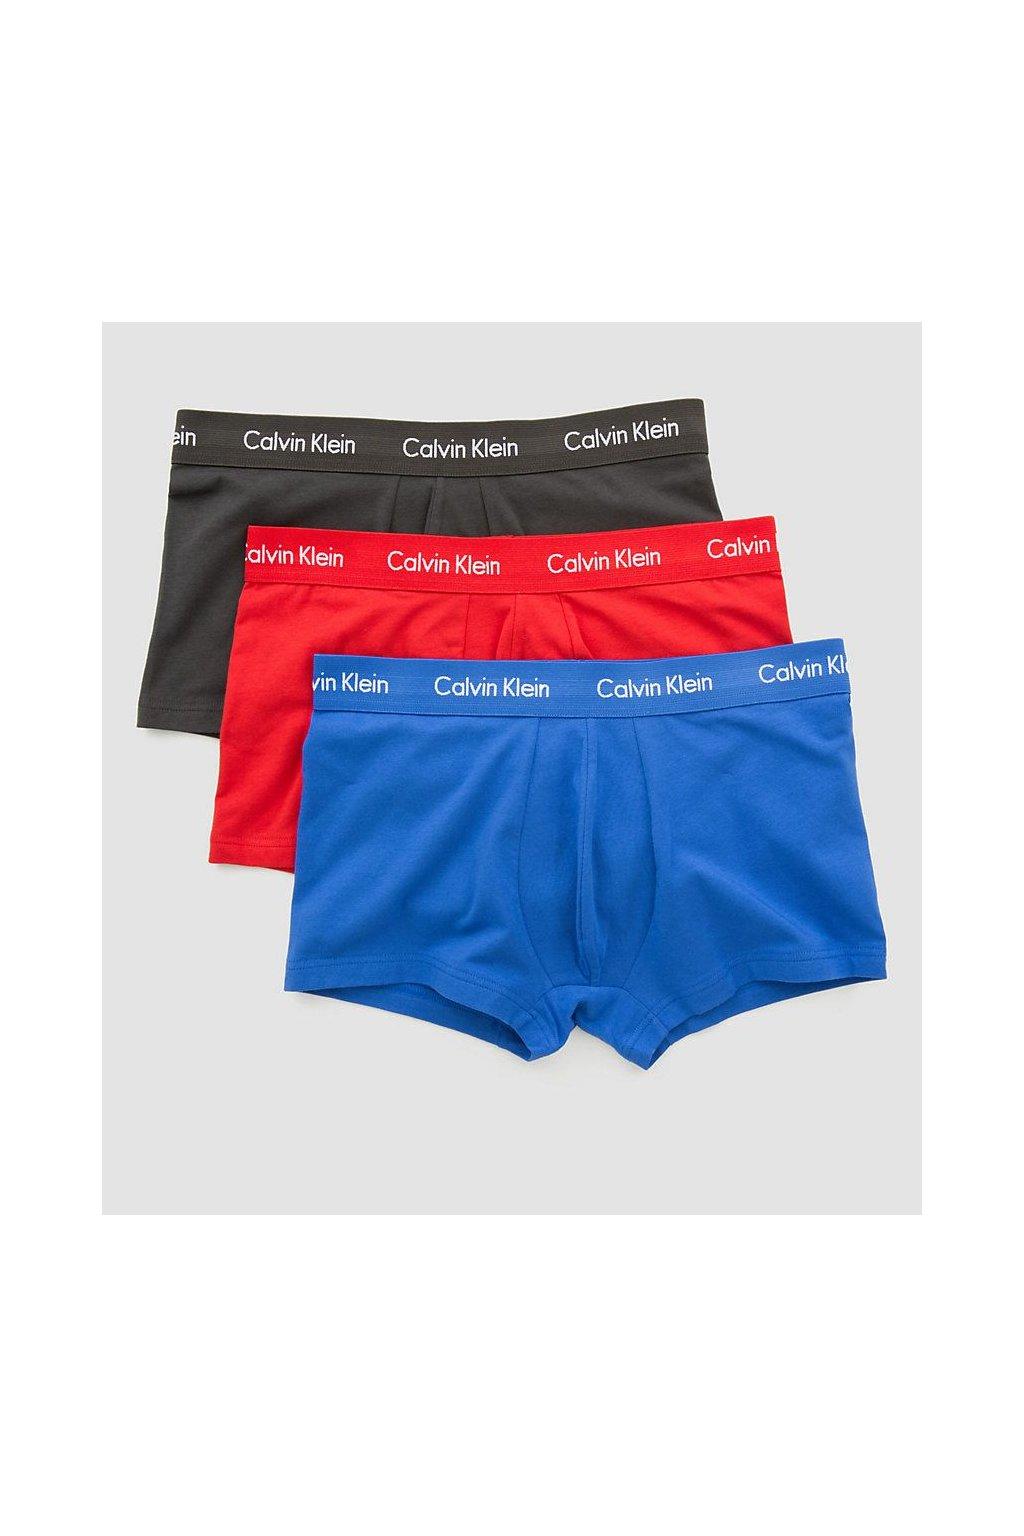 Calvin Klein 3Pack Boxerky Red, Black & Blue LR